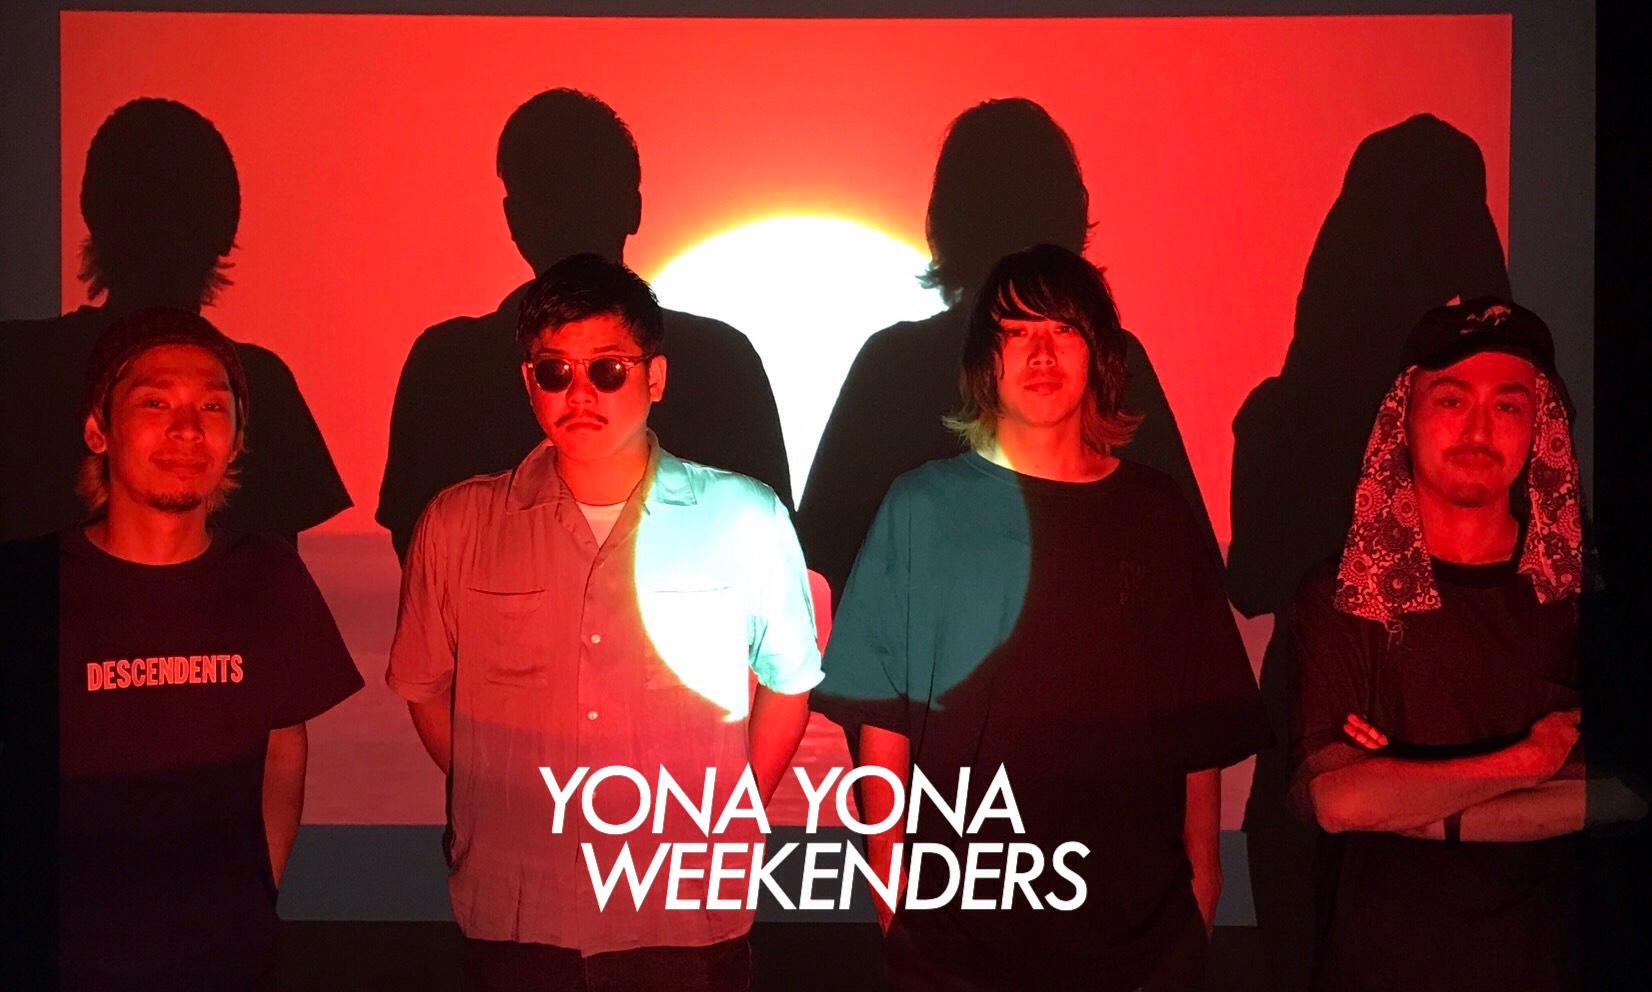 """まこっつNiGHT -YONA YONA WEEKENDERS 1st mini album""""誰もいないsea"""" RELEASE PARTY-"""